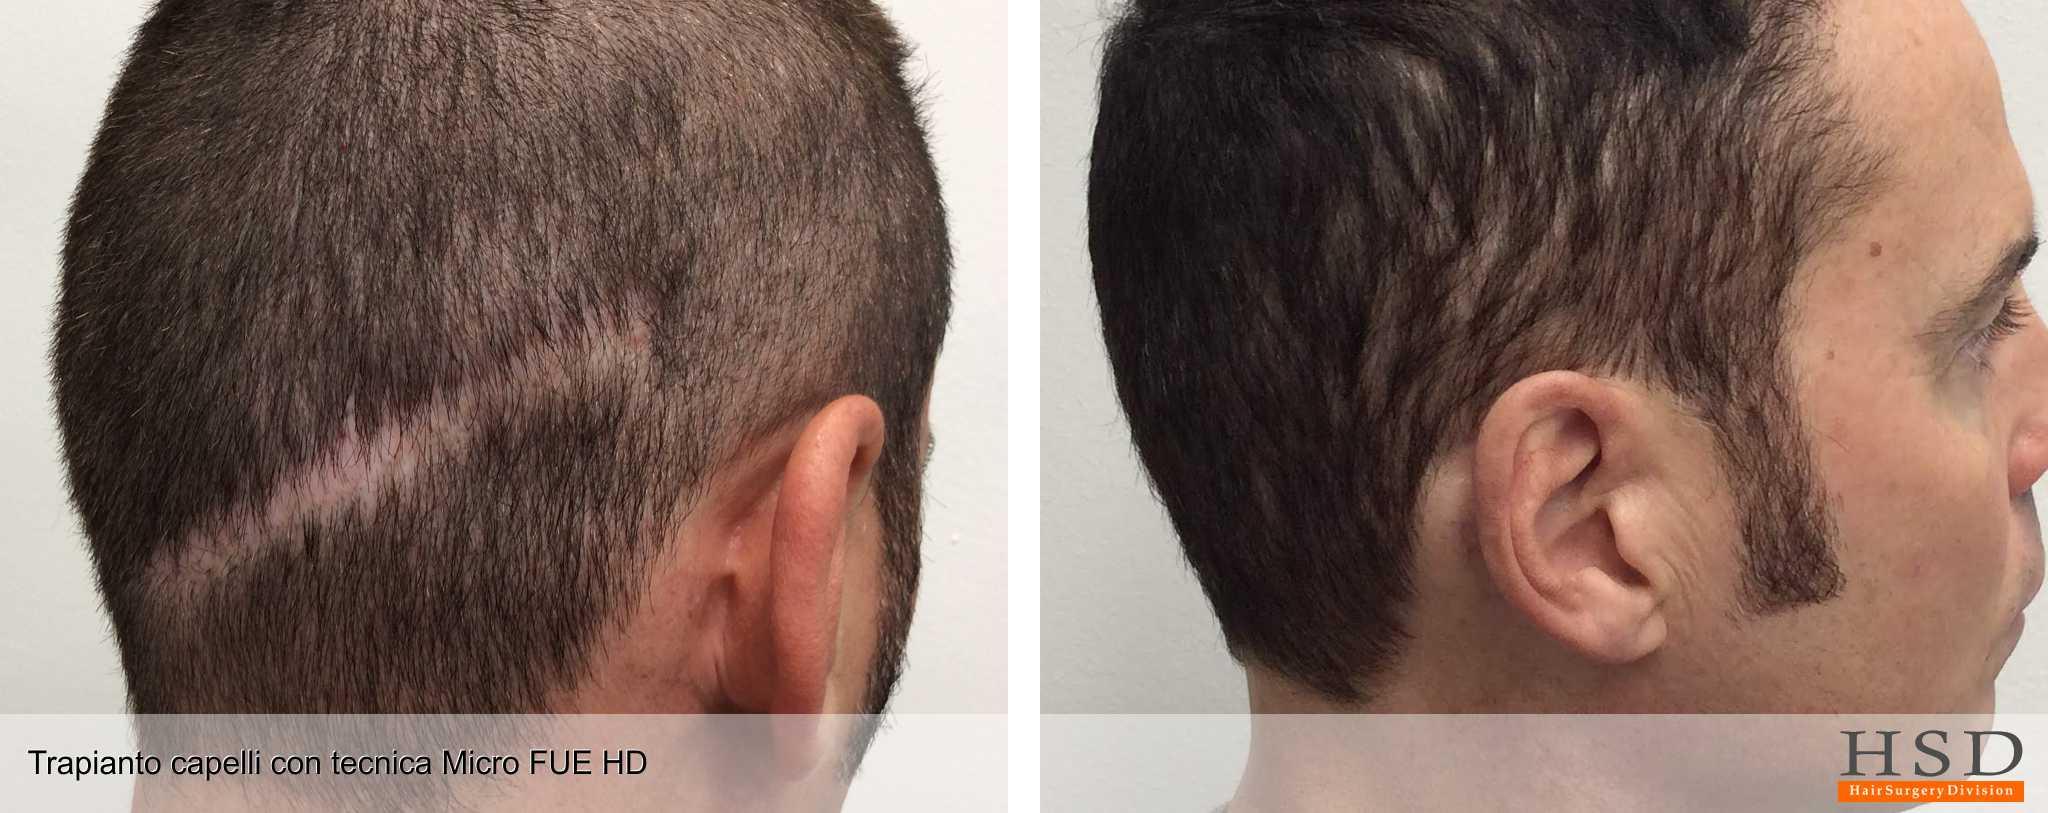 Trapianto capelli: Fa male?